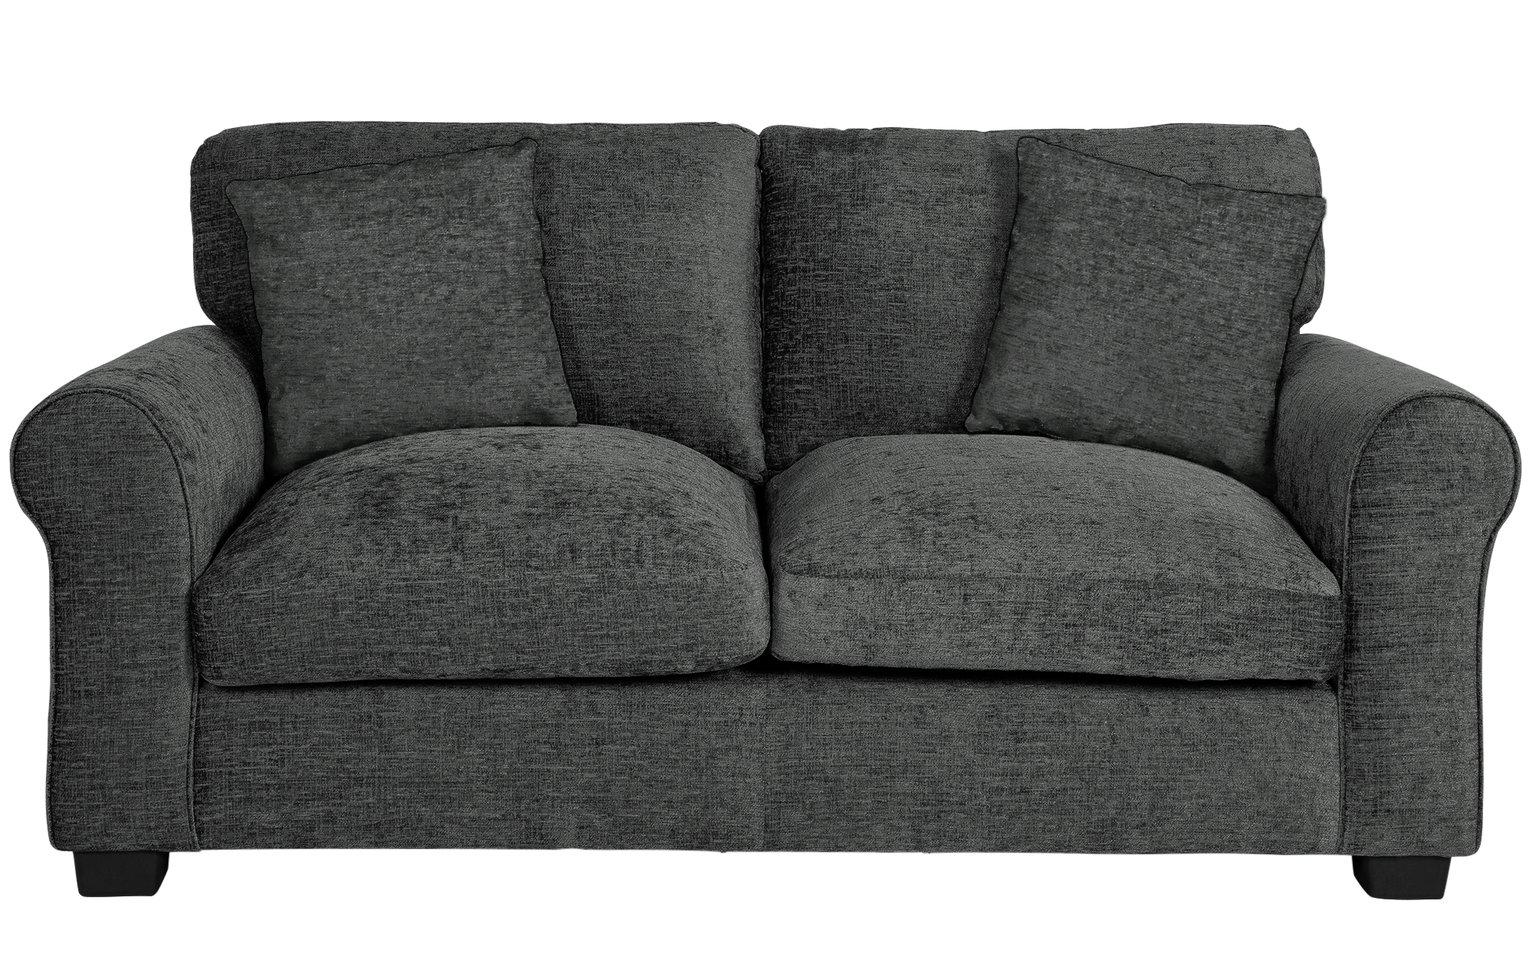 Buy Argos Home Tammy 2 Seater Fabric Sofa   Charcoal | Sofas | Argos